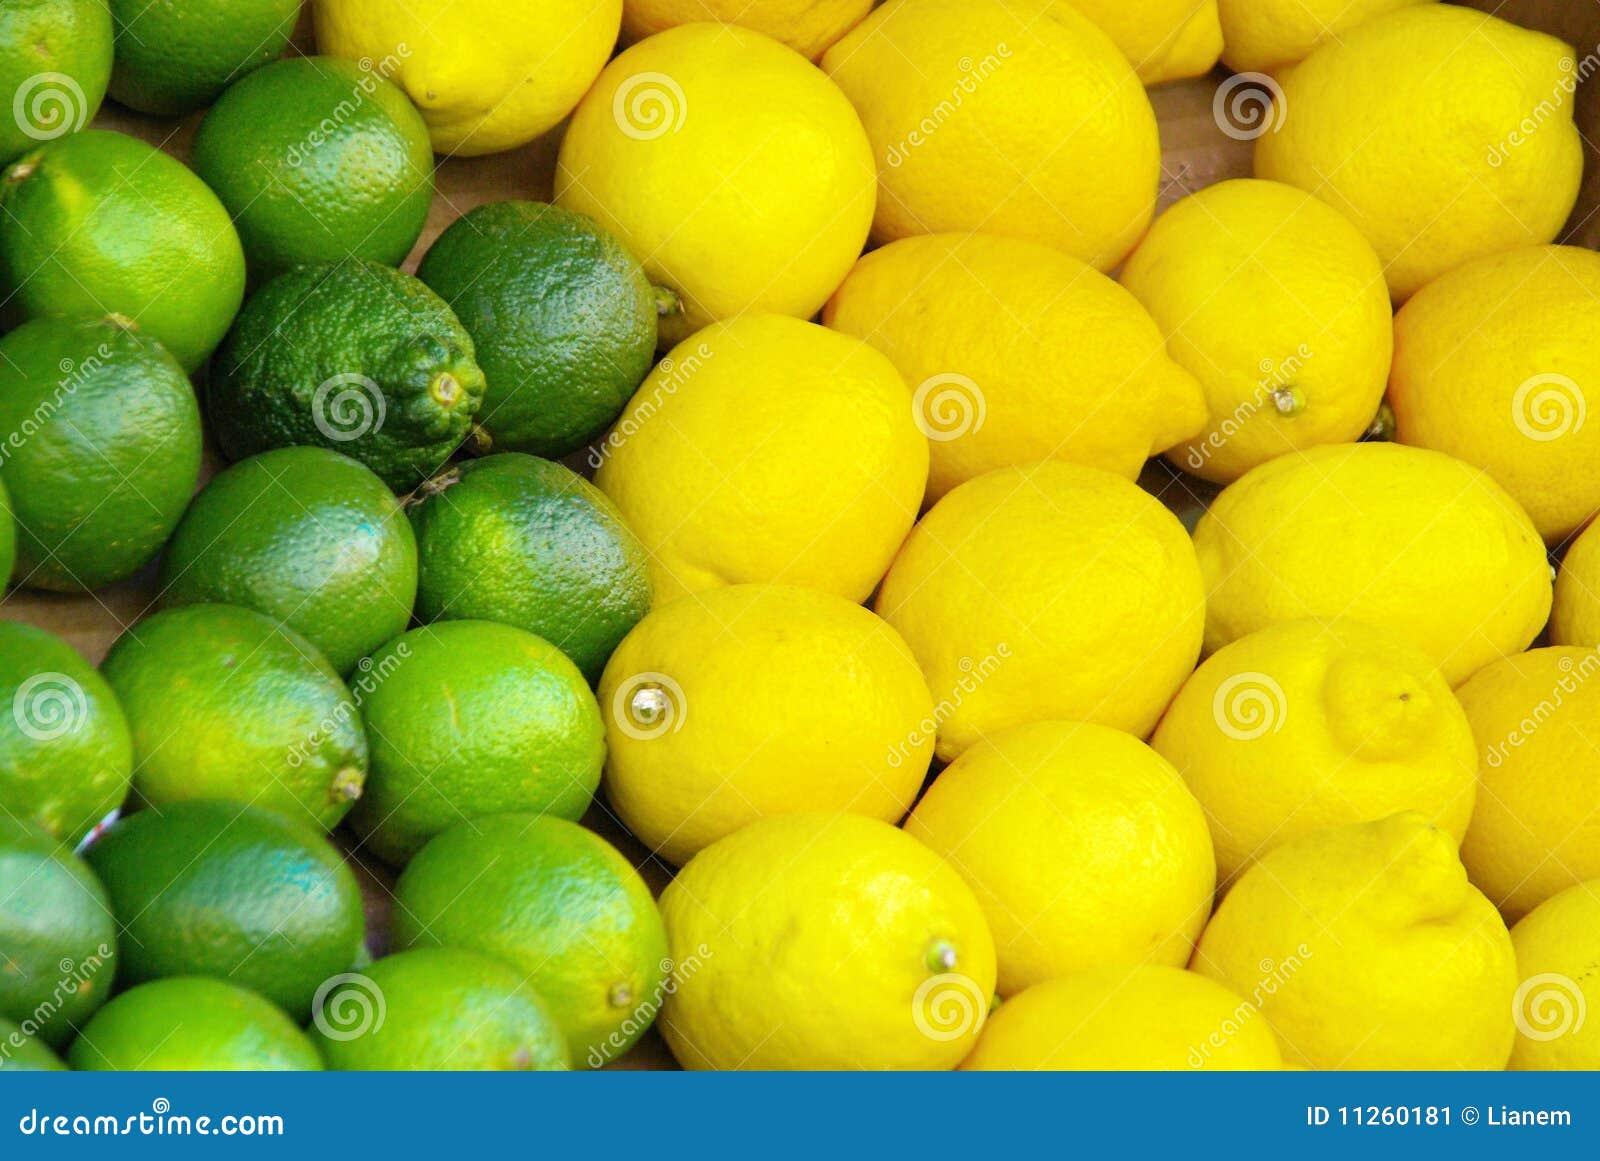 Kalk citrous